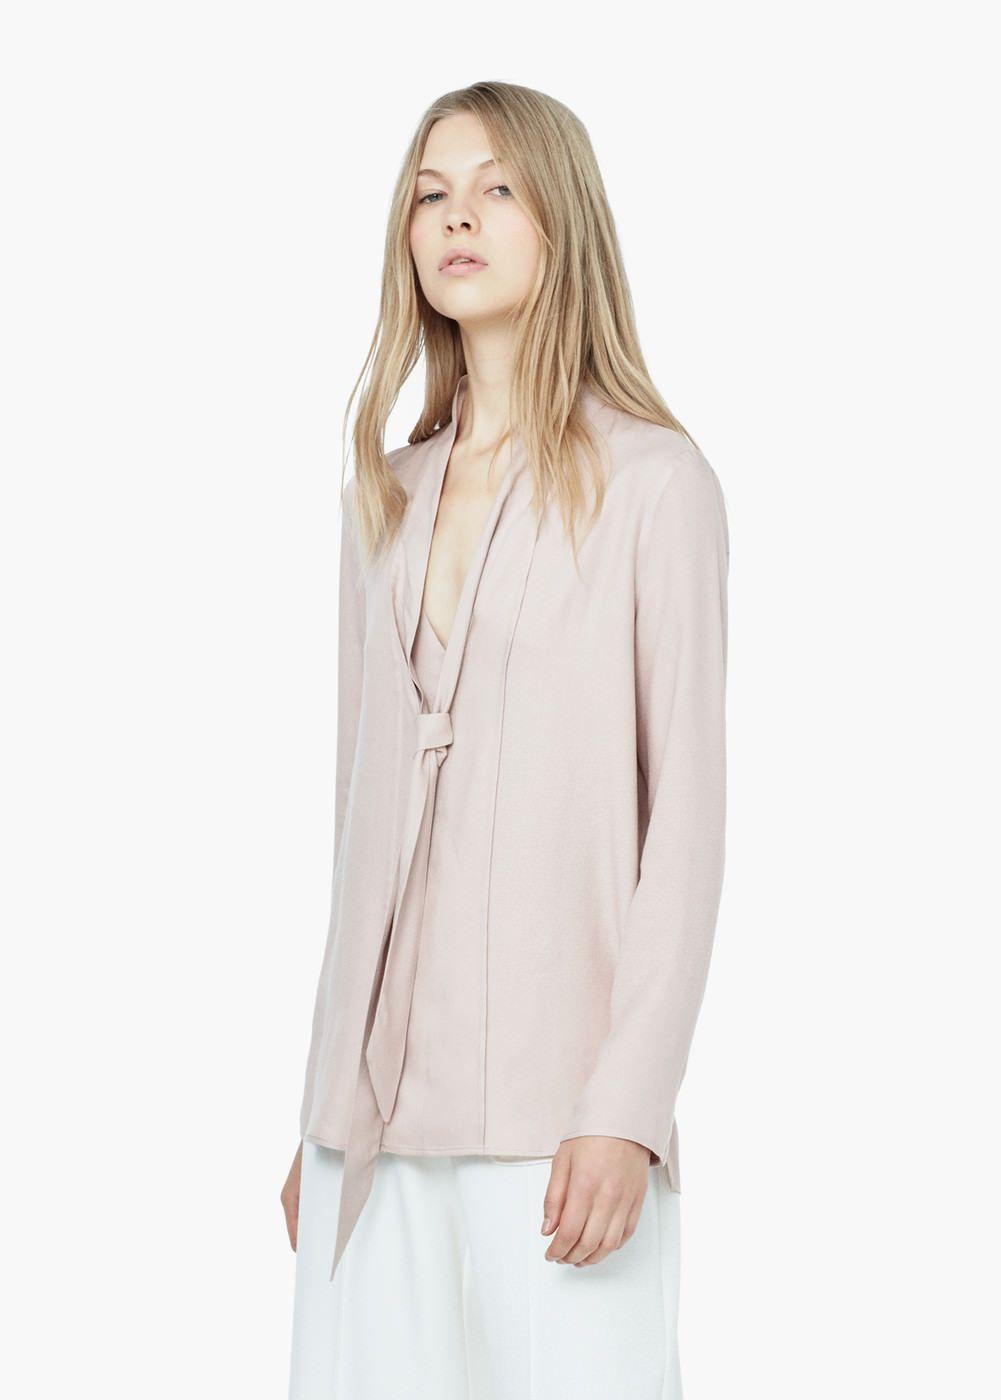 8b4139ef0 30€ Blusa lazo cuello - Camisas de Mujer